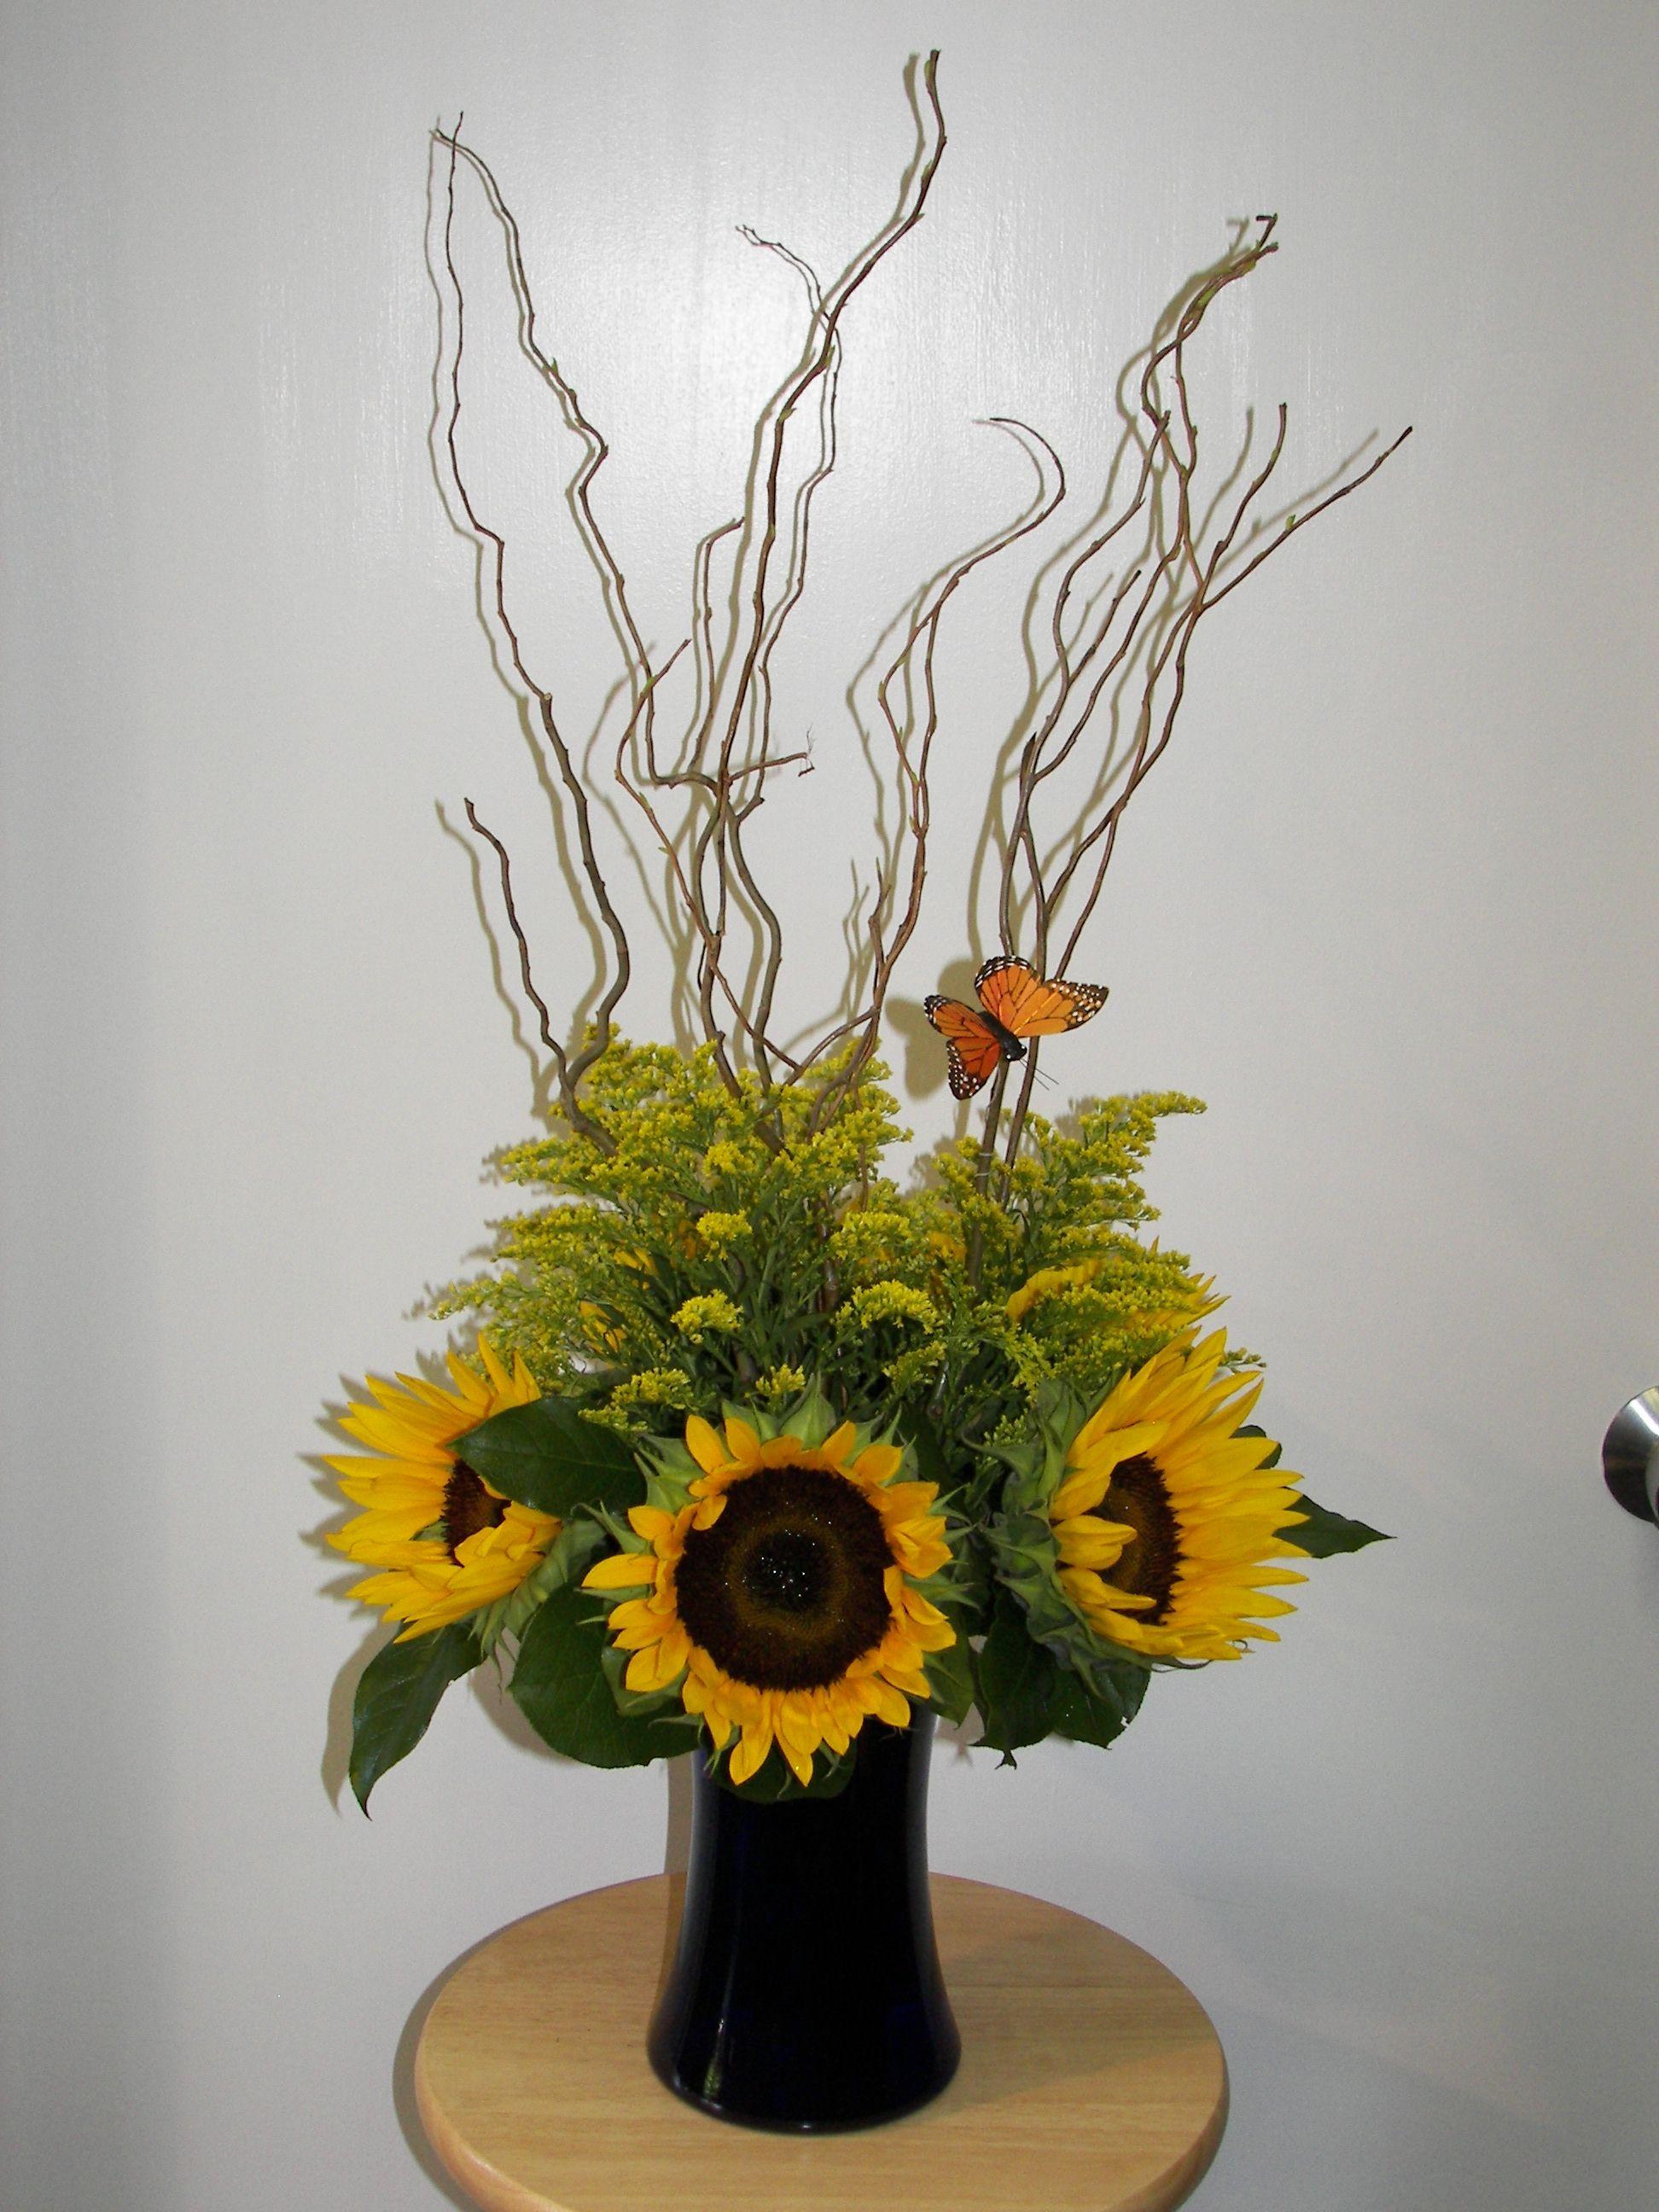 Sunflower Arrangements Vases : Sunflower arrangement d i y c r a f t s pinterest